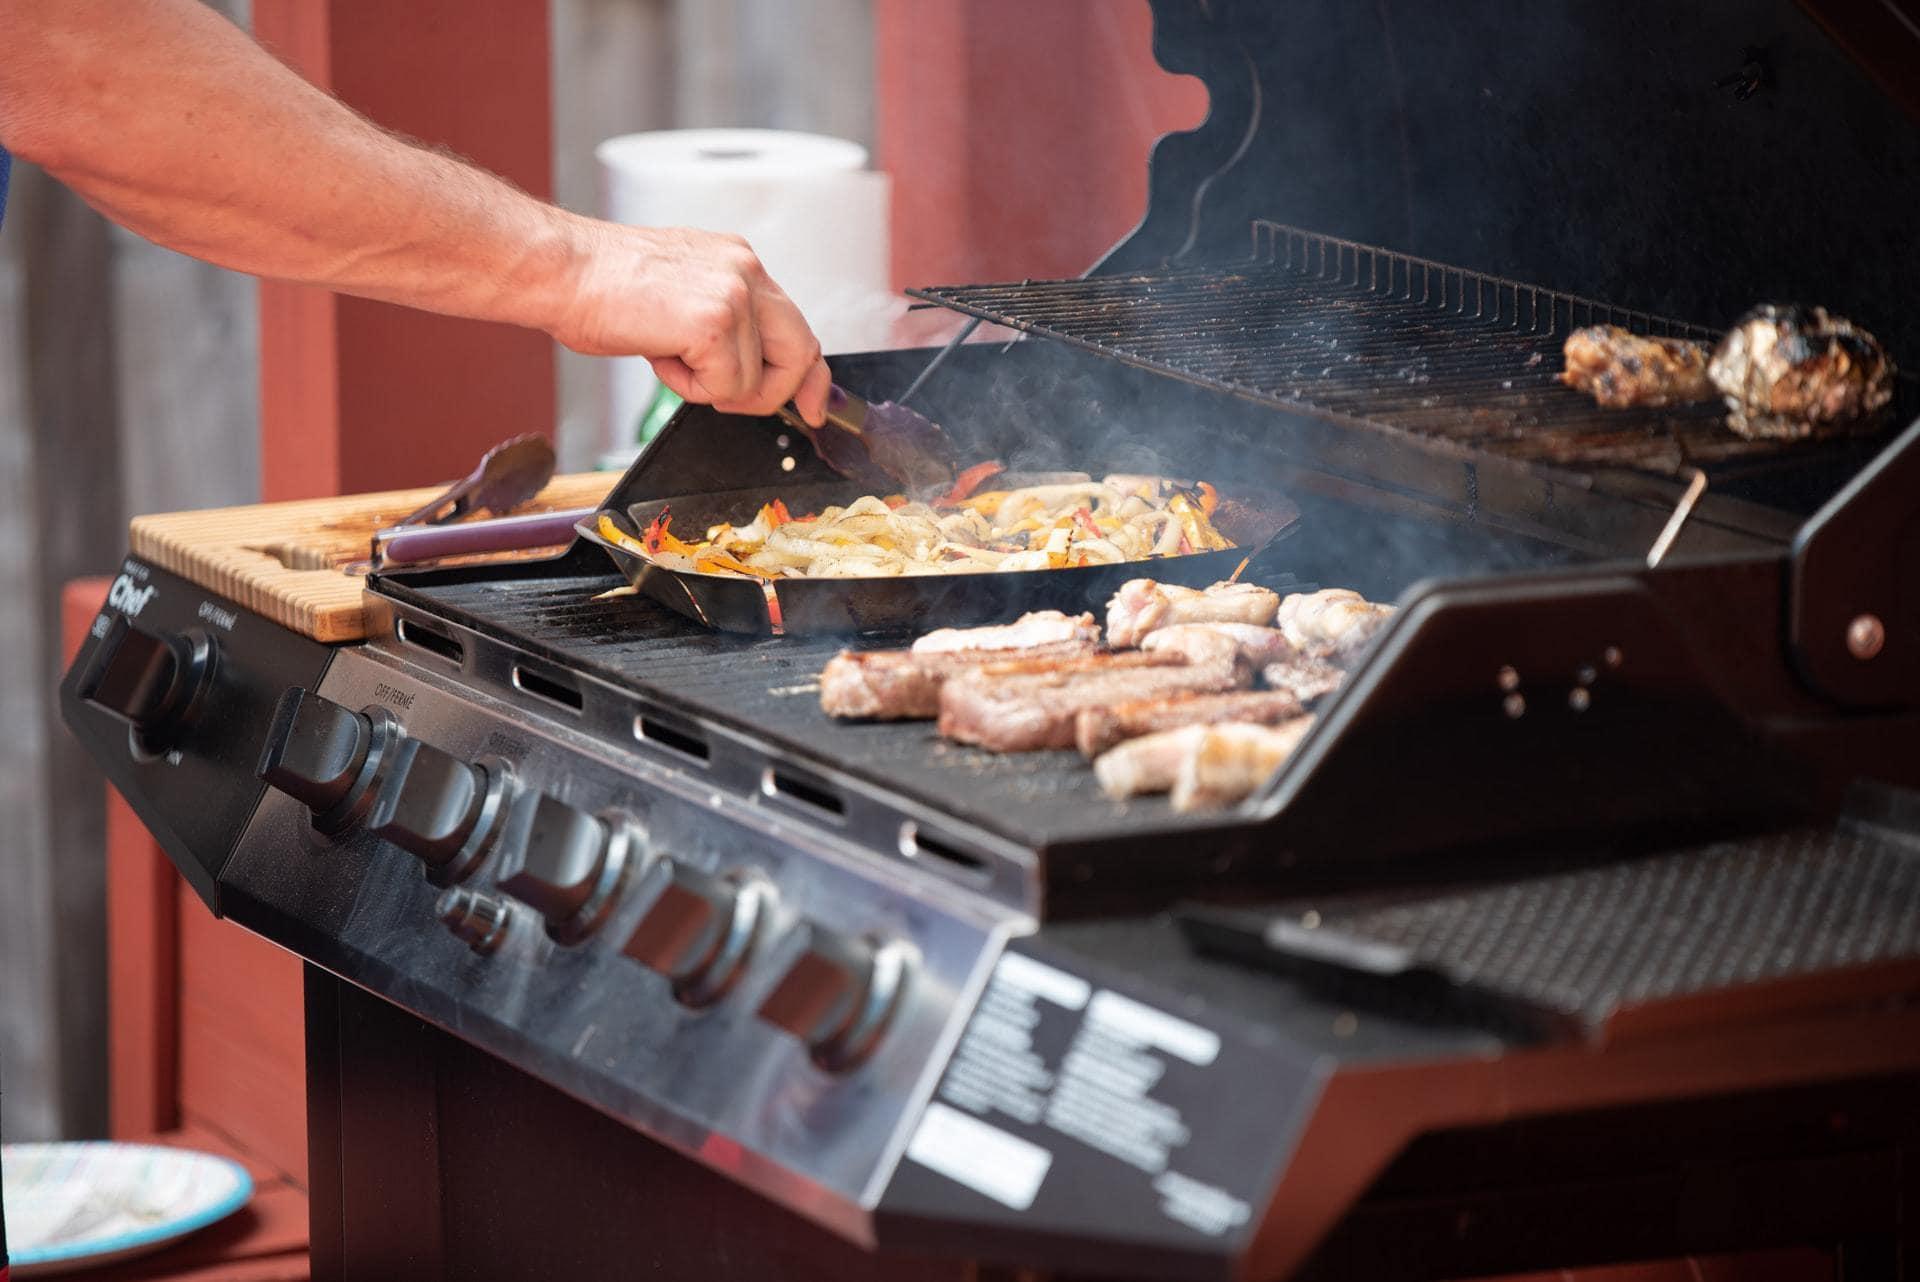 Elektrische barbecue met worstjes en groente, zij-aanzicht